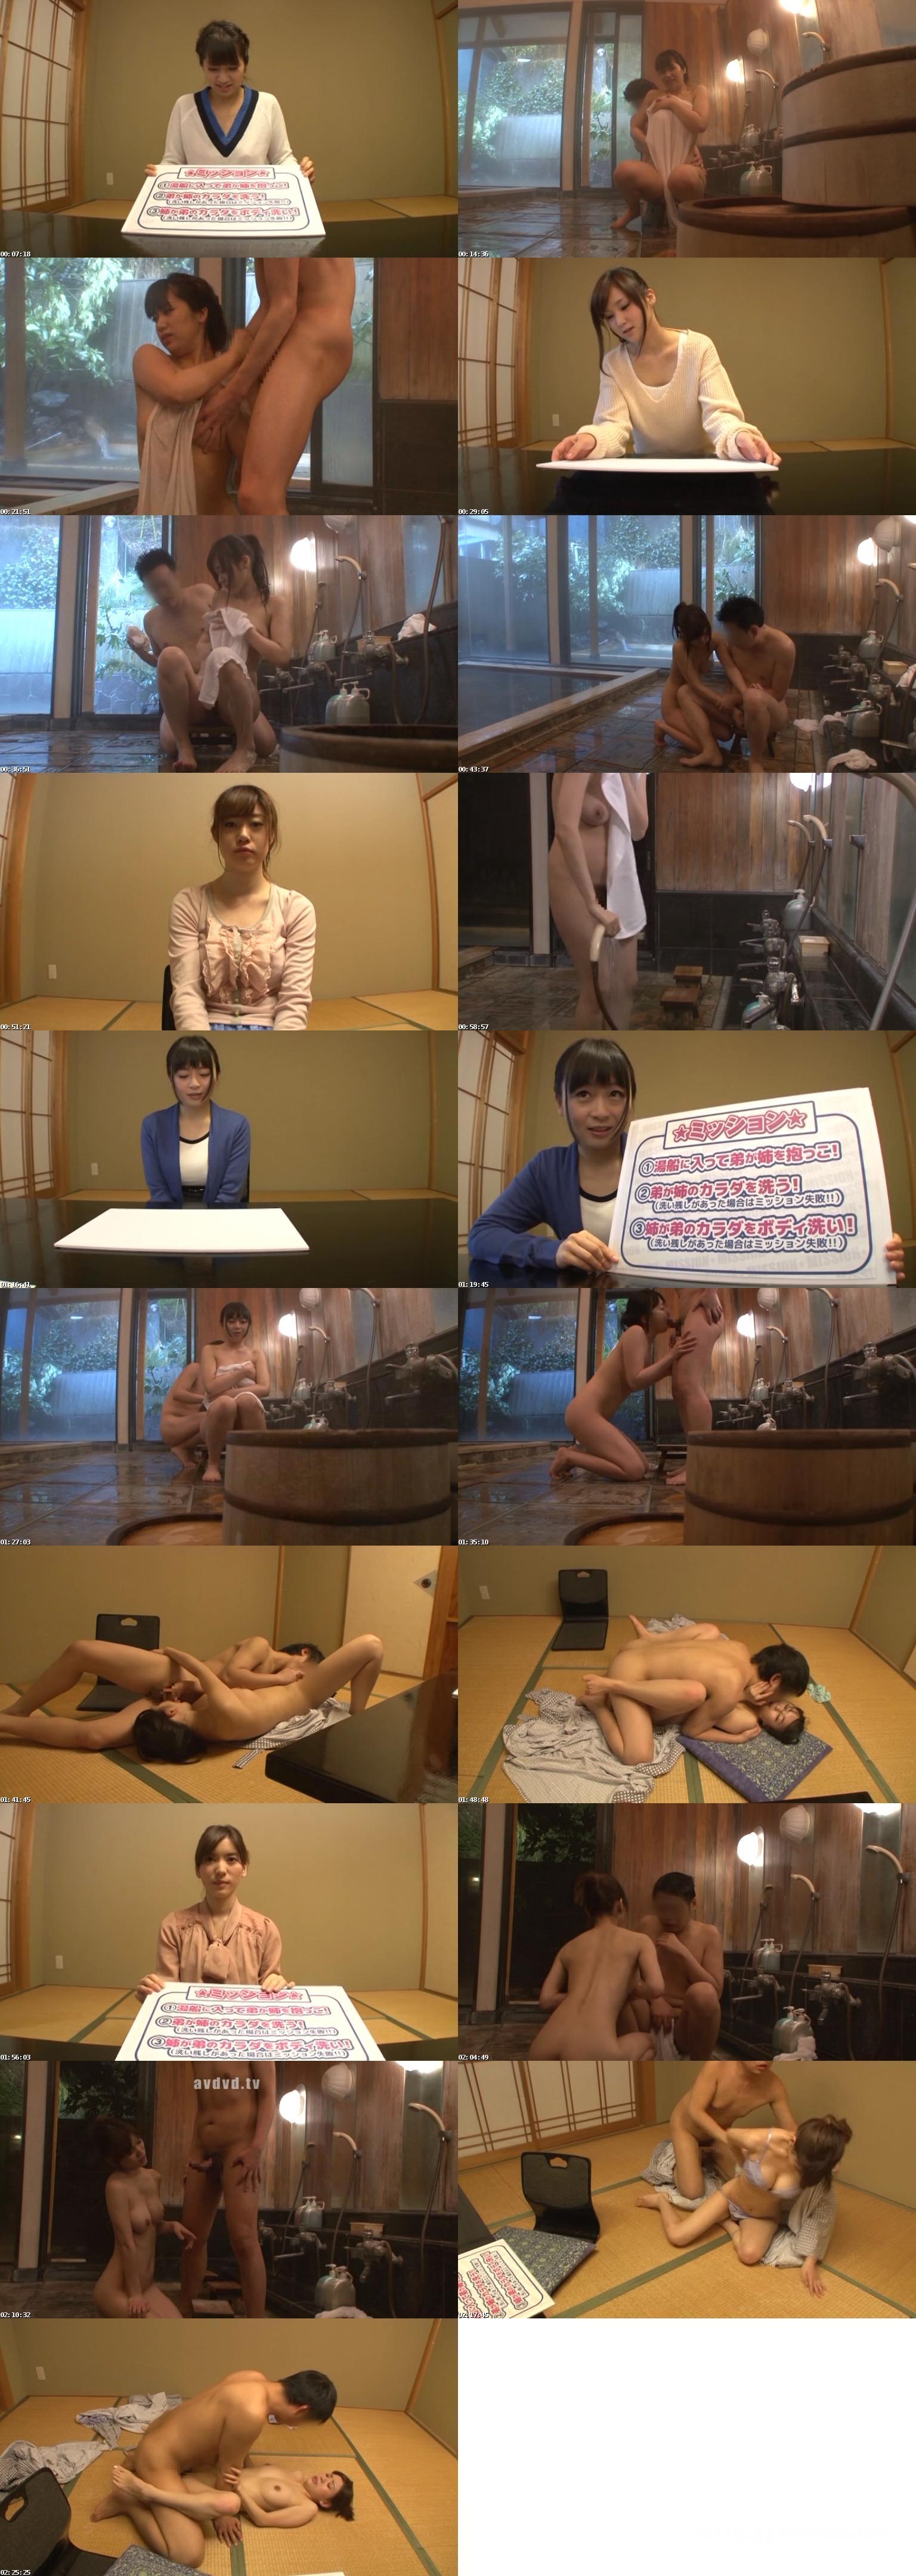 [SCOP 230] 「弟が私を変な目で見る訳がない!」と言い張る純粋姉弟が挑戦!混浴温泉で弟とラッコ座りで密着&とってもHなヌルヌルボディ洗いしても本当に弟は勃起しないのか! SCOP